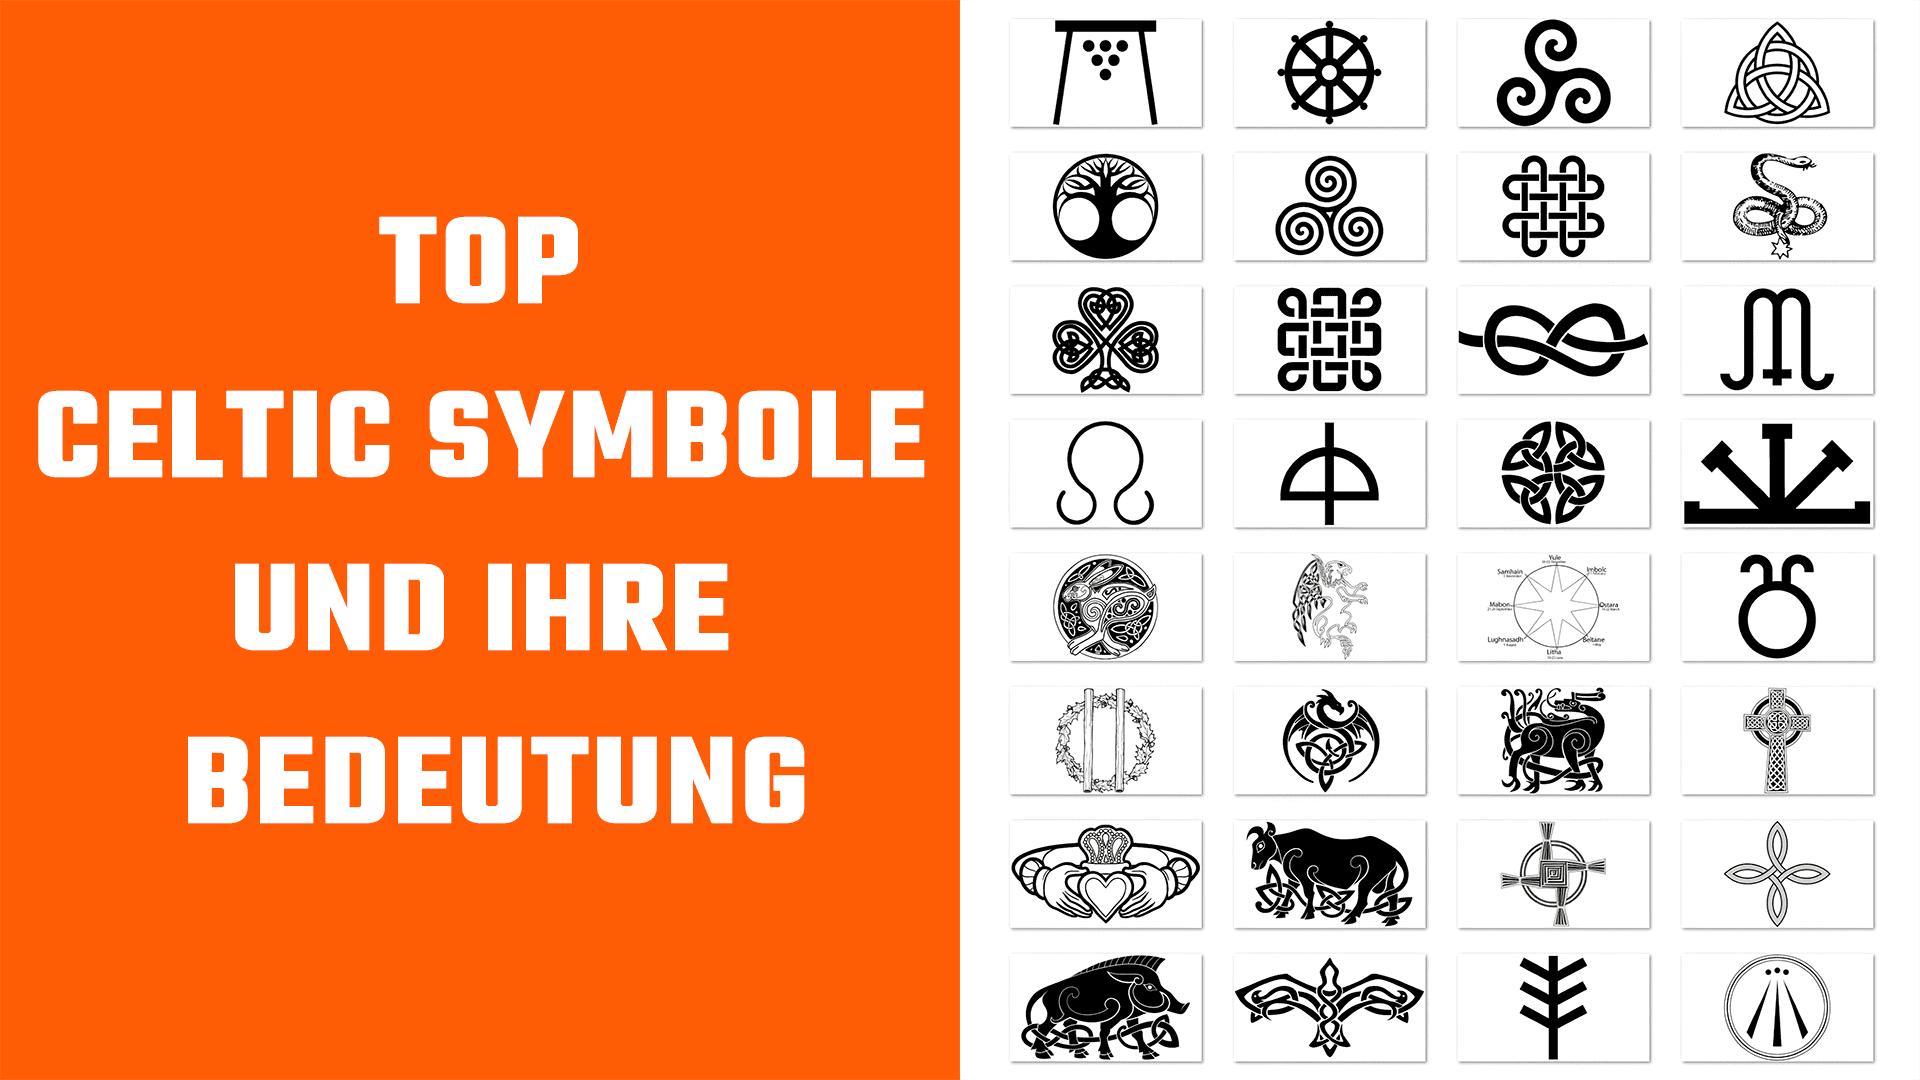 Bedeutung liebessymbole und ihre Keltische Symbole